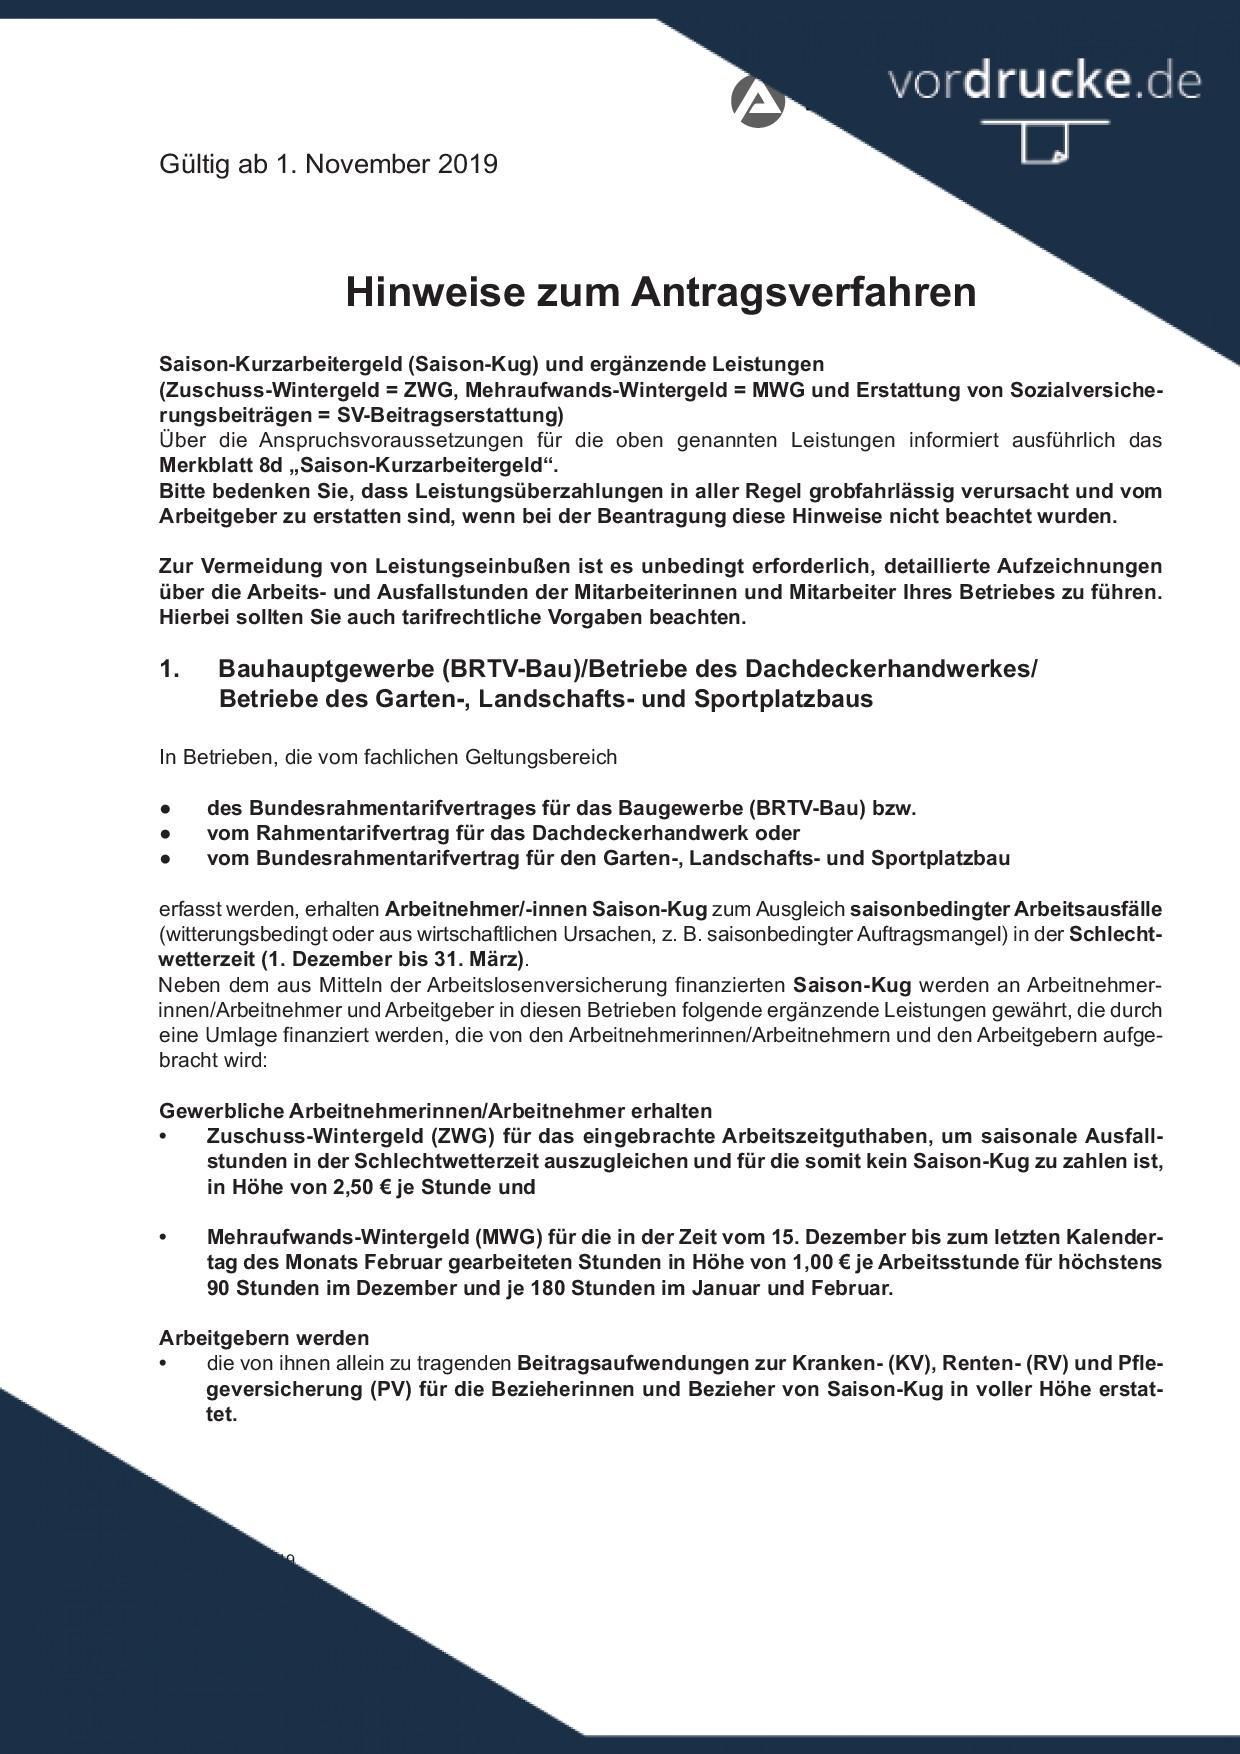 Hinweise-zum-Antragsverfahren-Saison-Kurzarbeitergeld-und-ergänzende-Leistungen